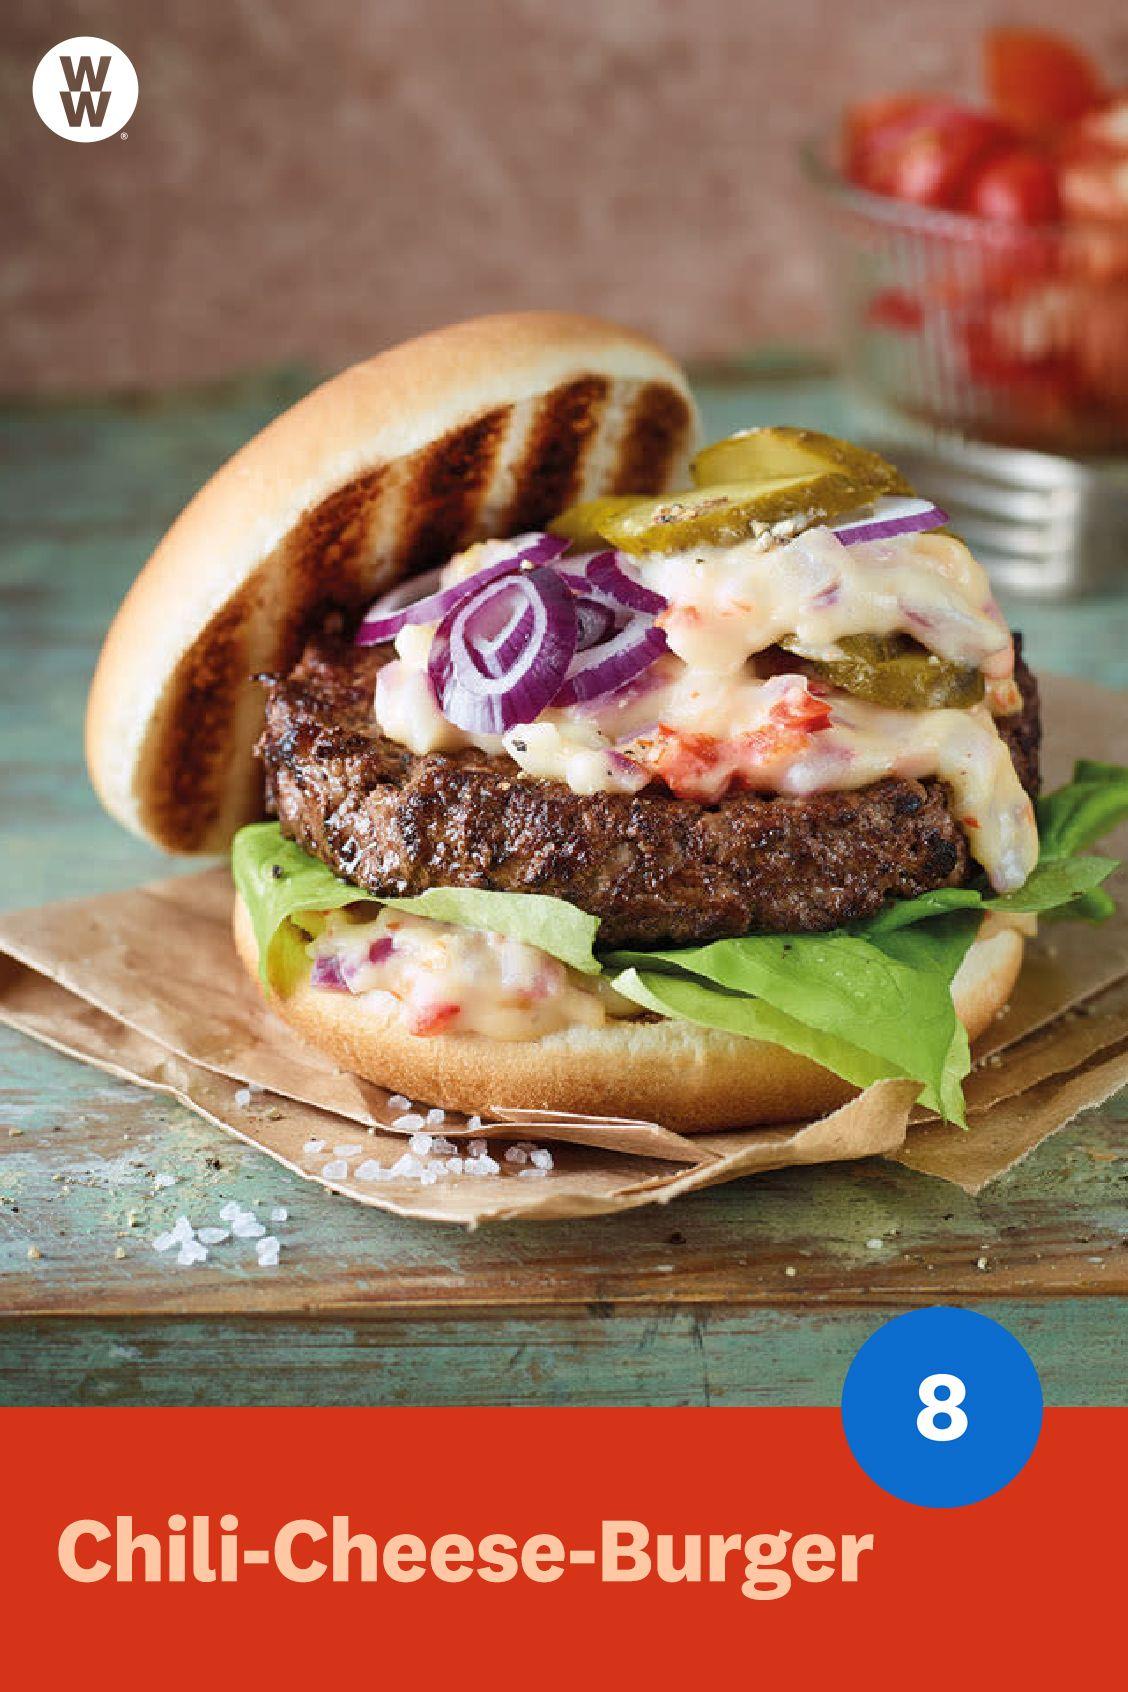 Chili-Cheese-Burger